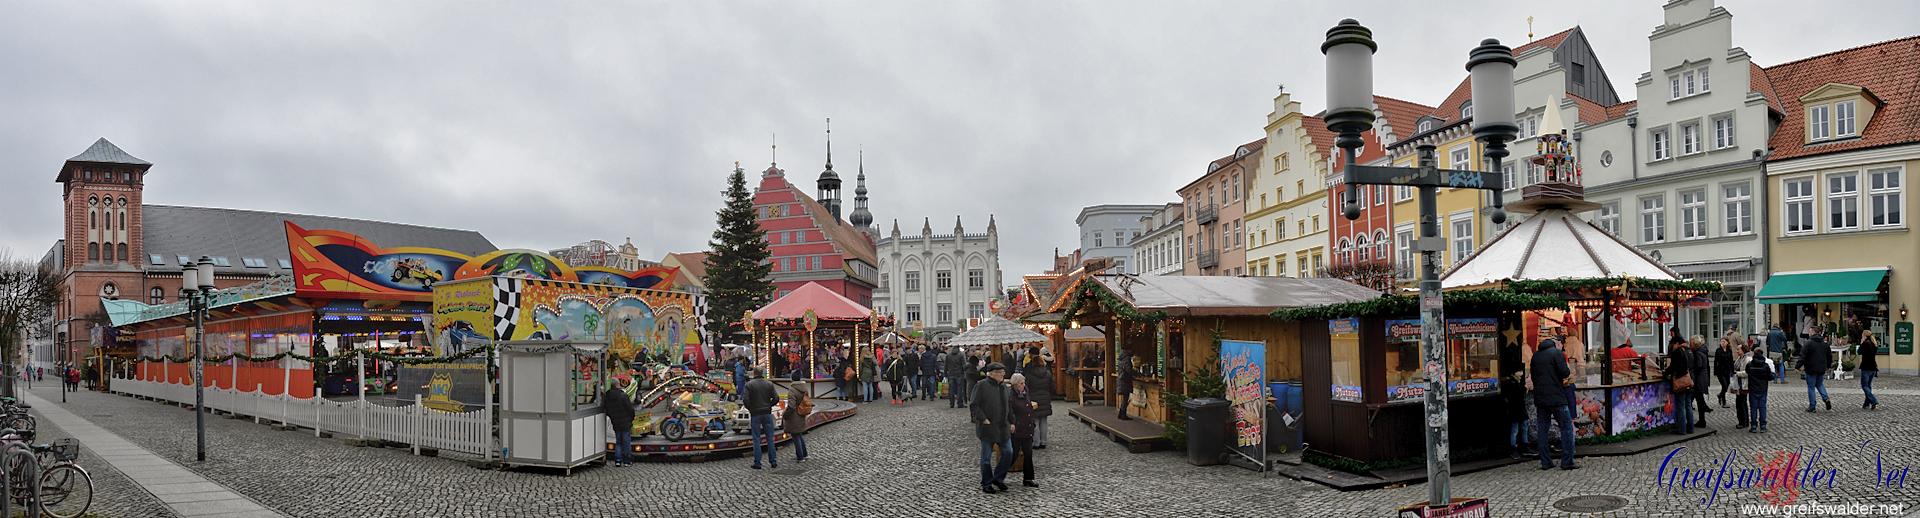 Blick auf den Weihnachtsmarkt in Greifswald